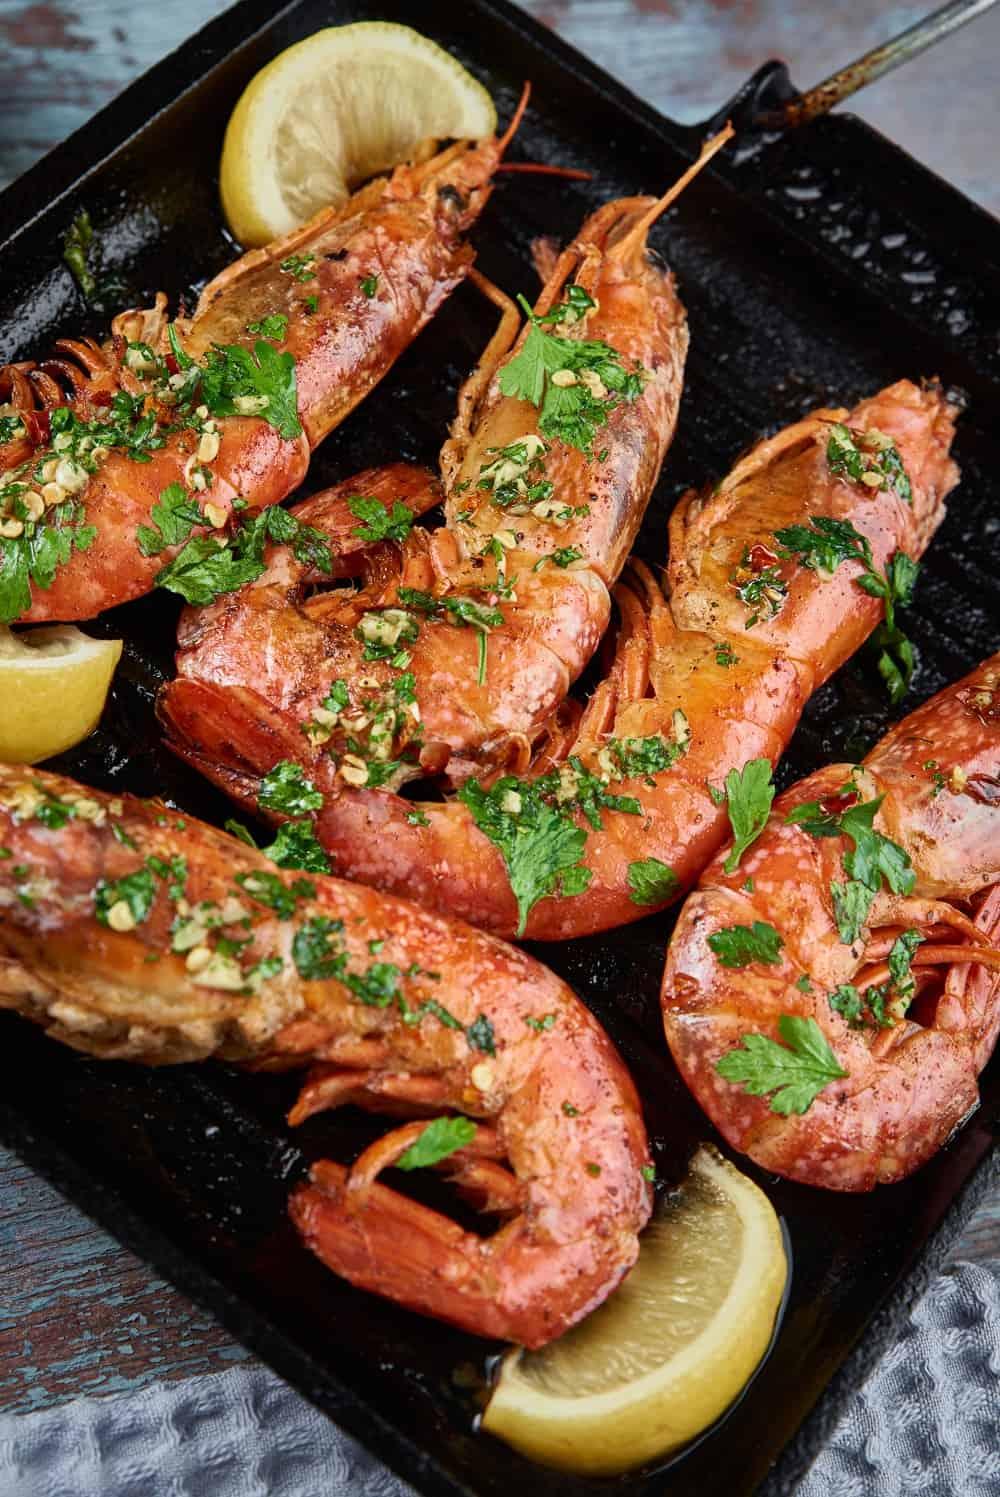 Grilled large shrimps